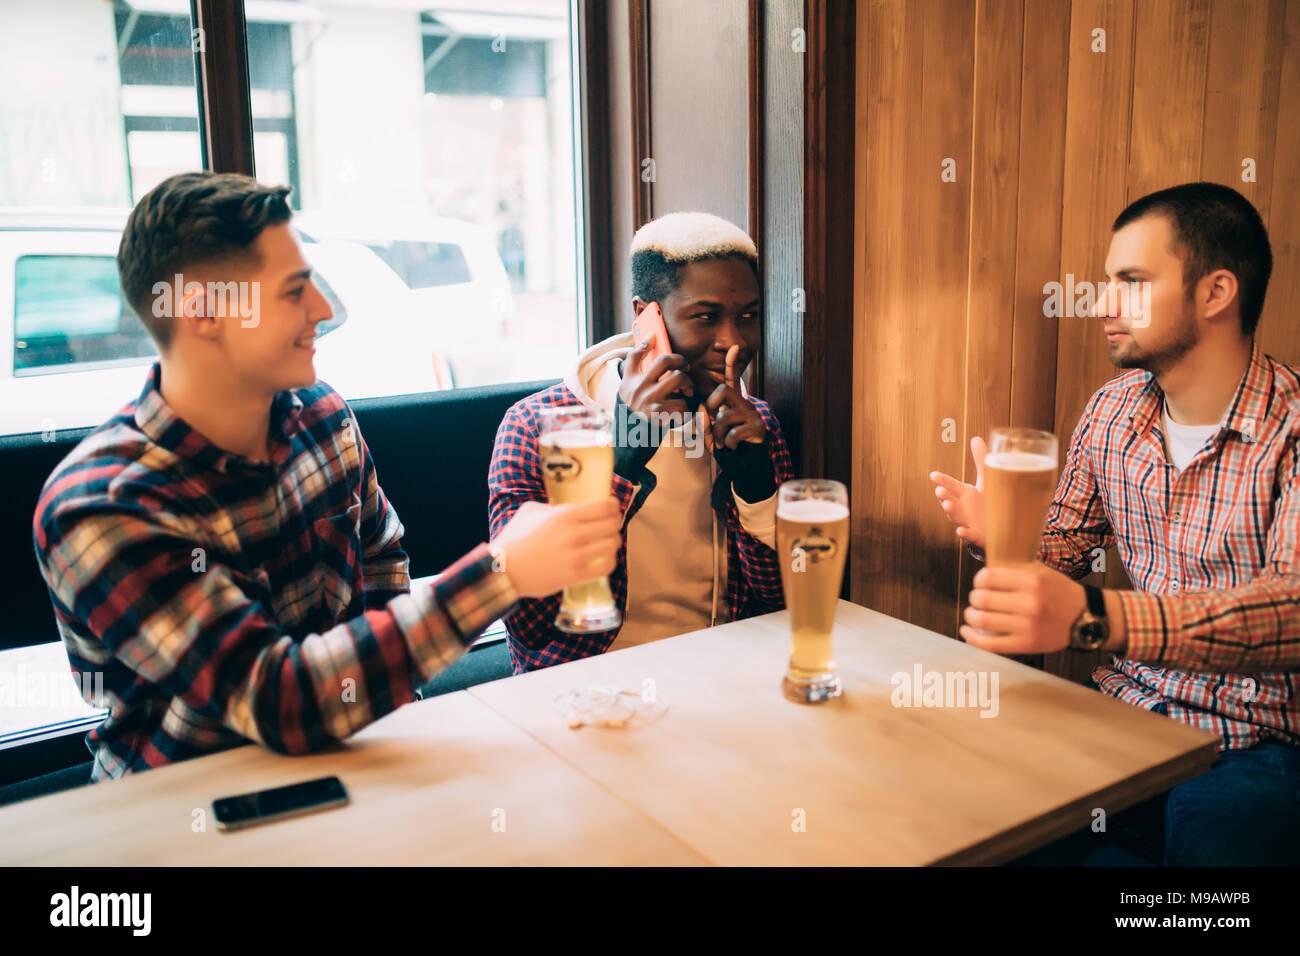 Due maschi amici nel bar sono a bere birra e comunicare mentre si sta parlando al telefono e chiedendo il silenzio. Immagini Stock